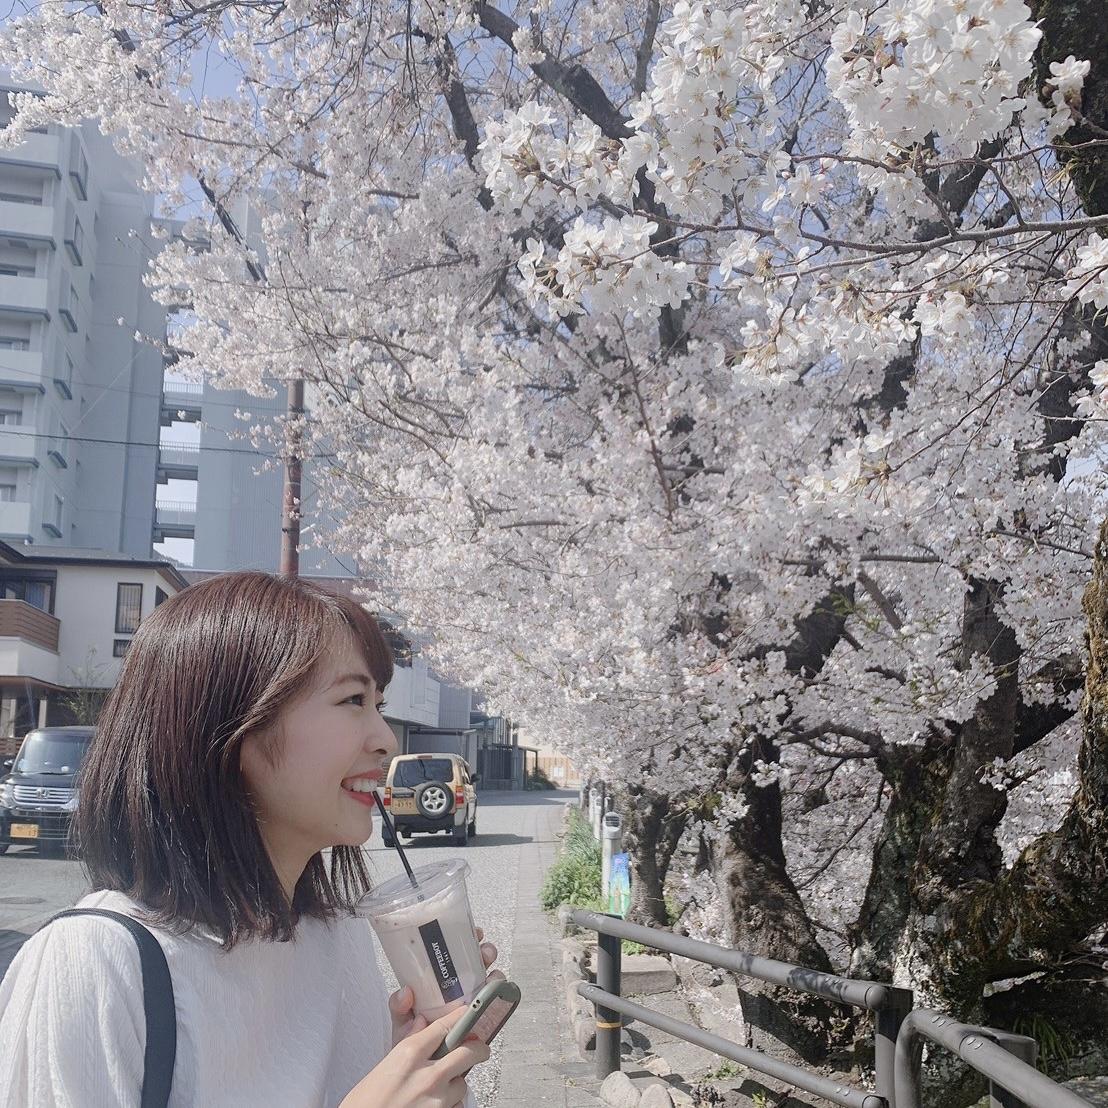 画像:桜咲く!桜咲け!